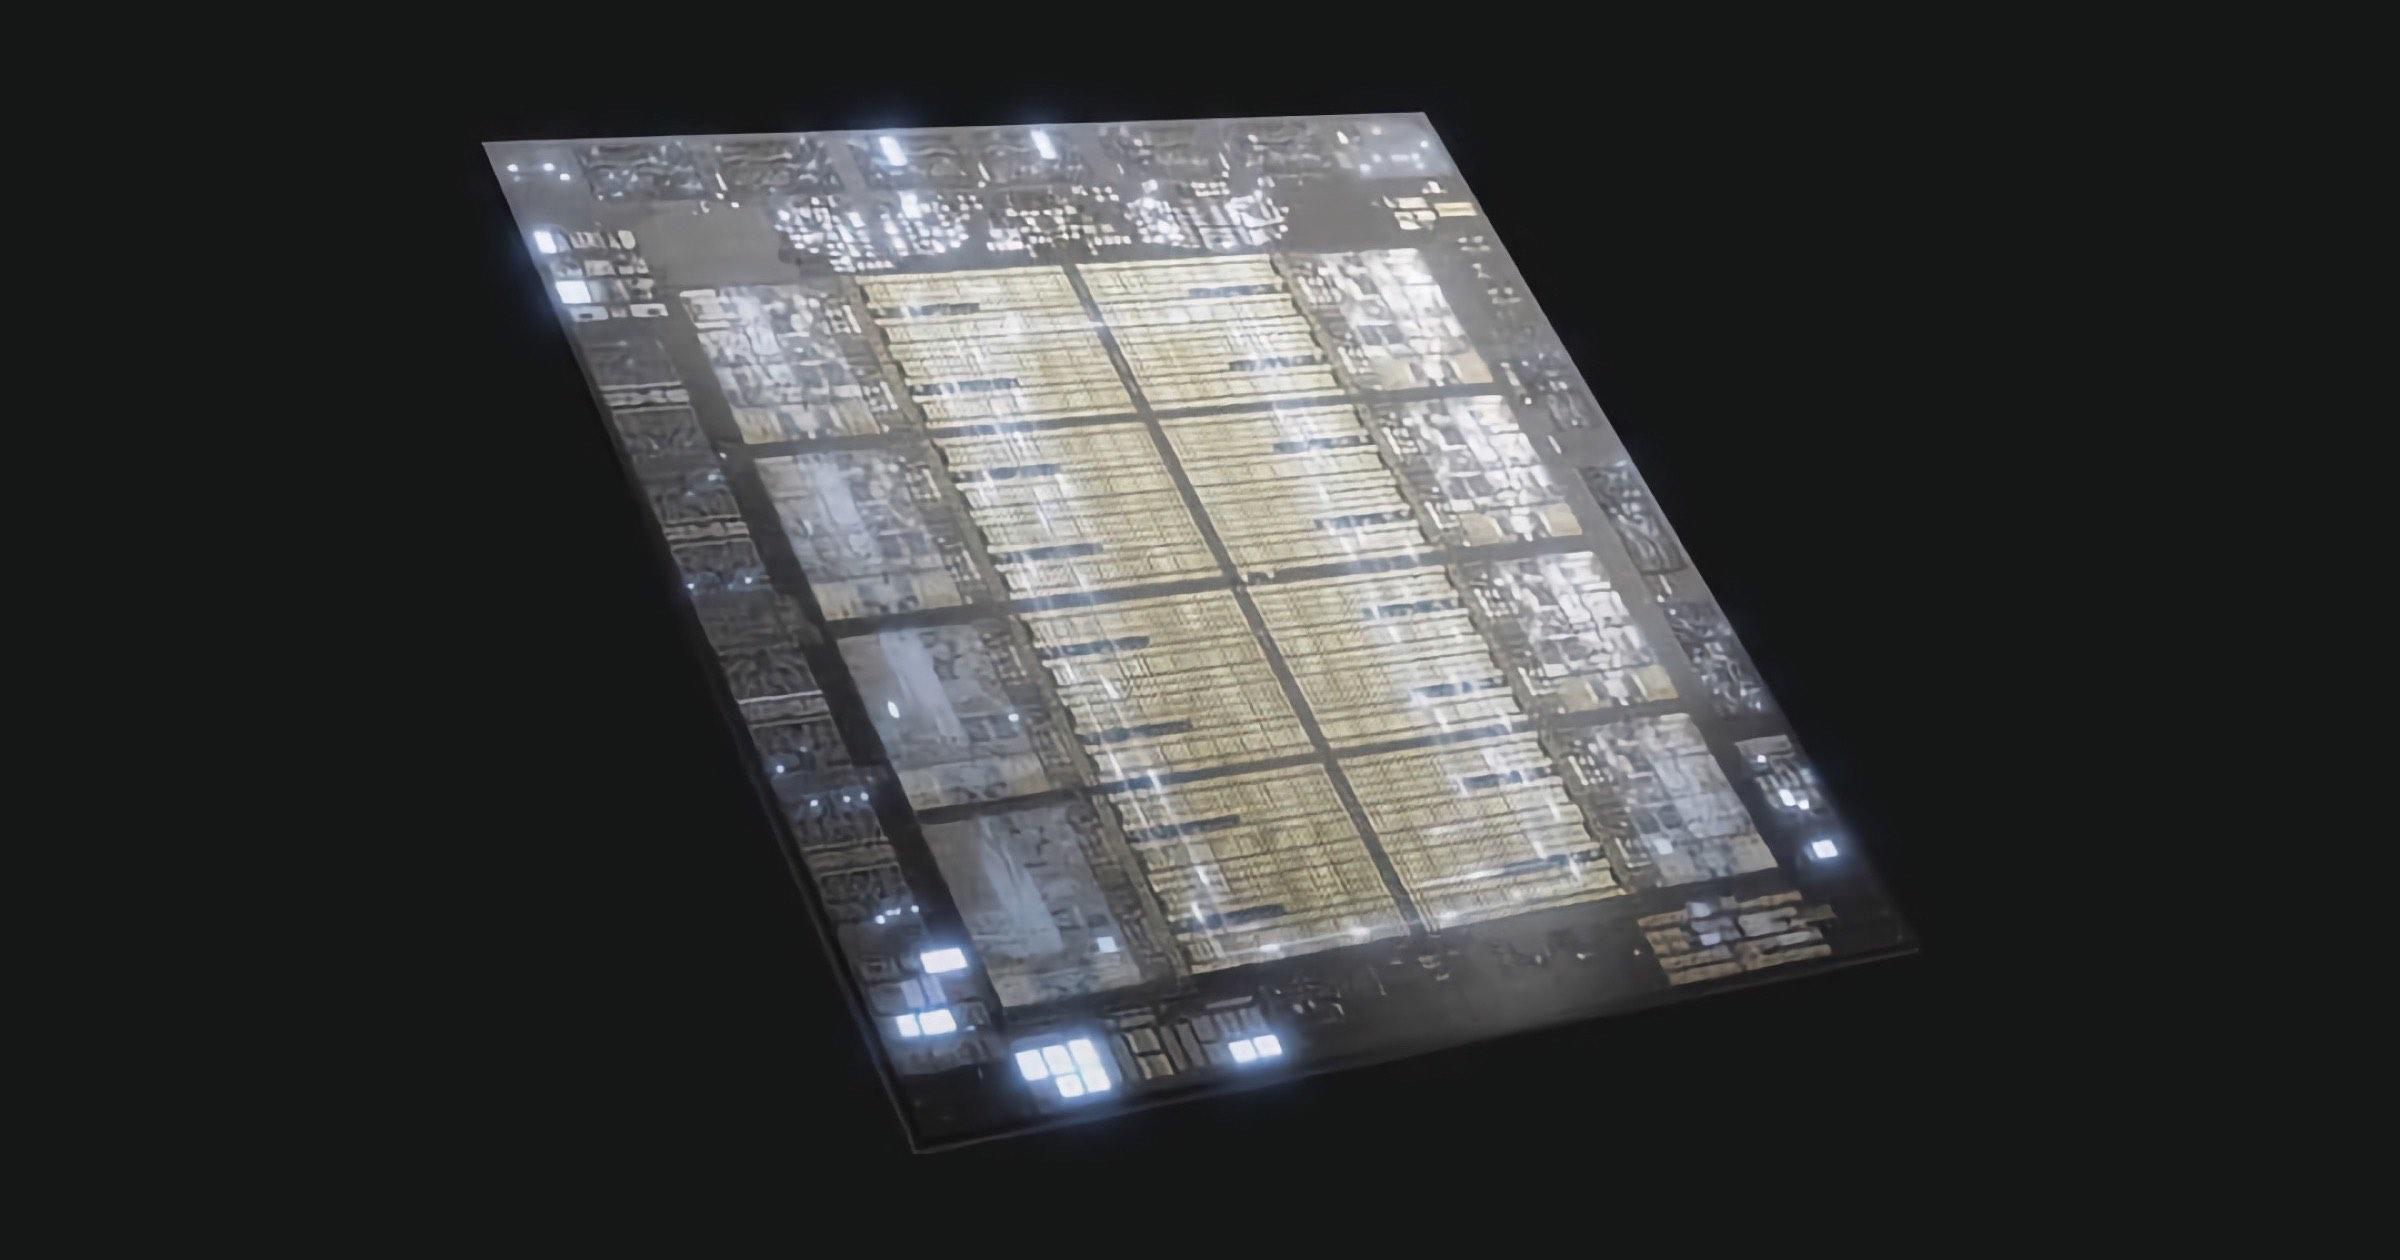 IBM telum processor